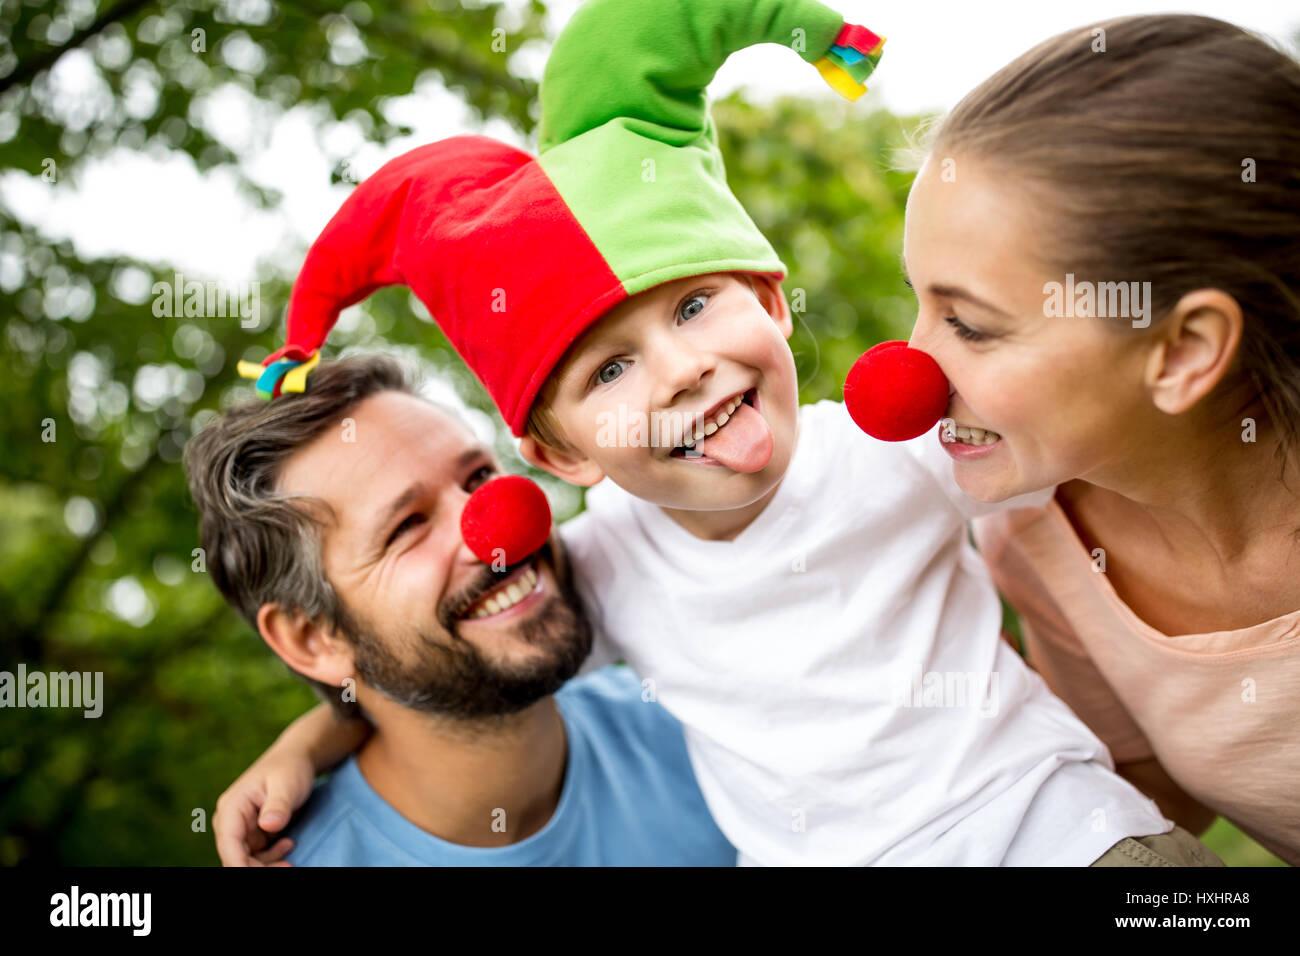 Kind Narr Kappe trägt und zeigt seine Zunge mit seiner Familie Stockbild